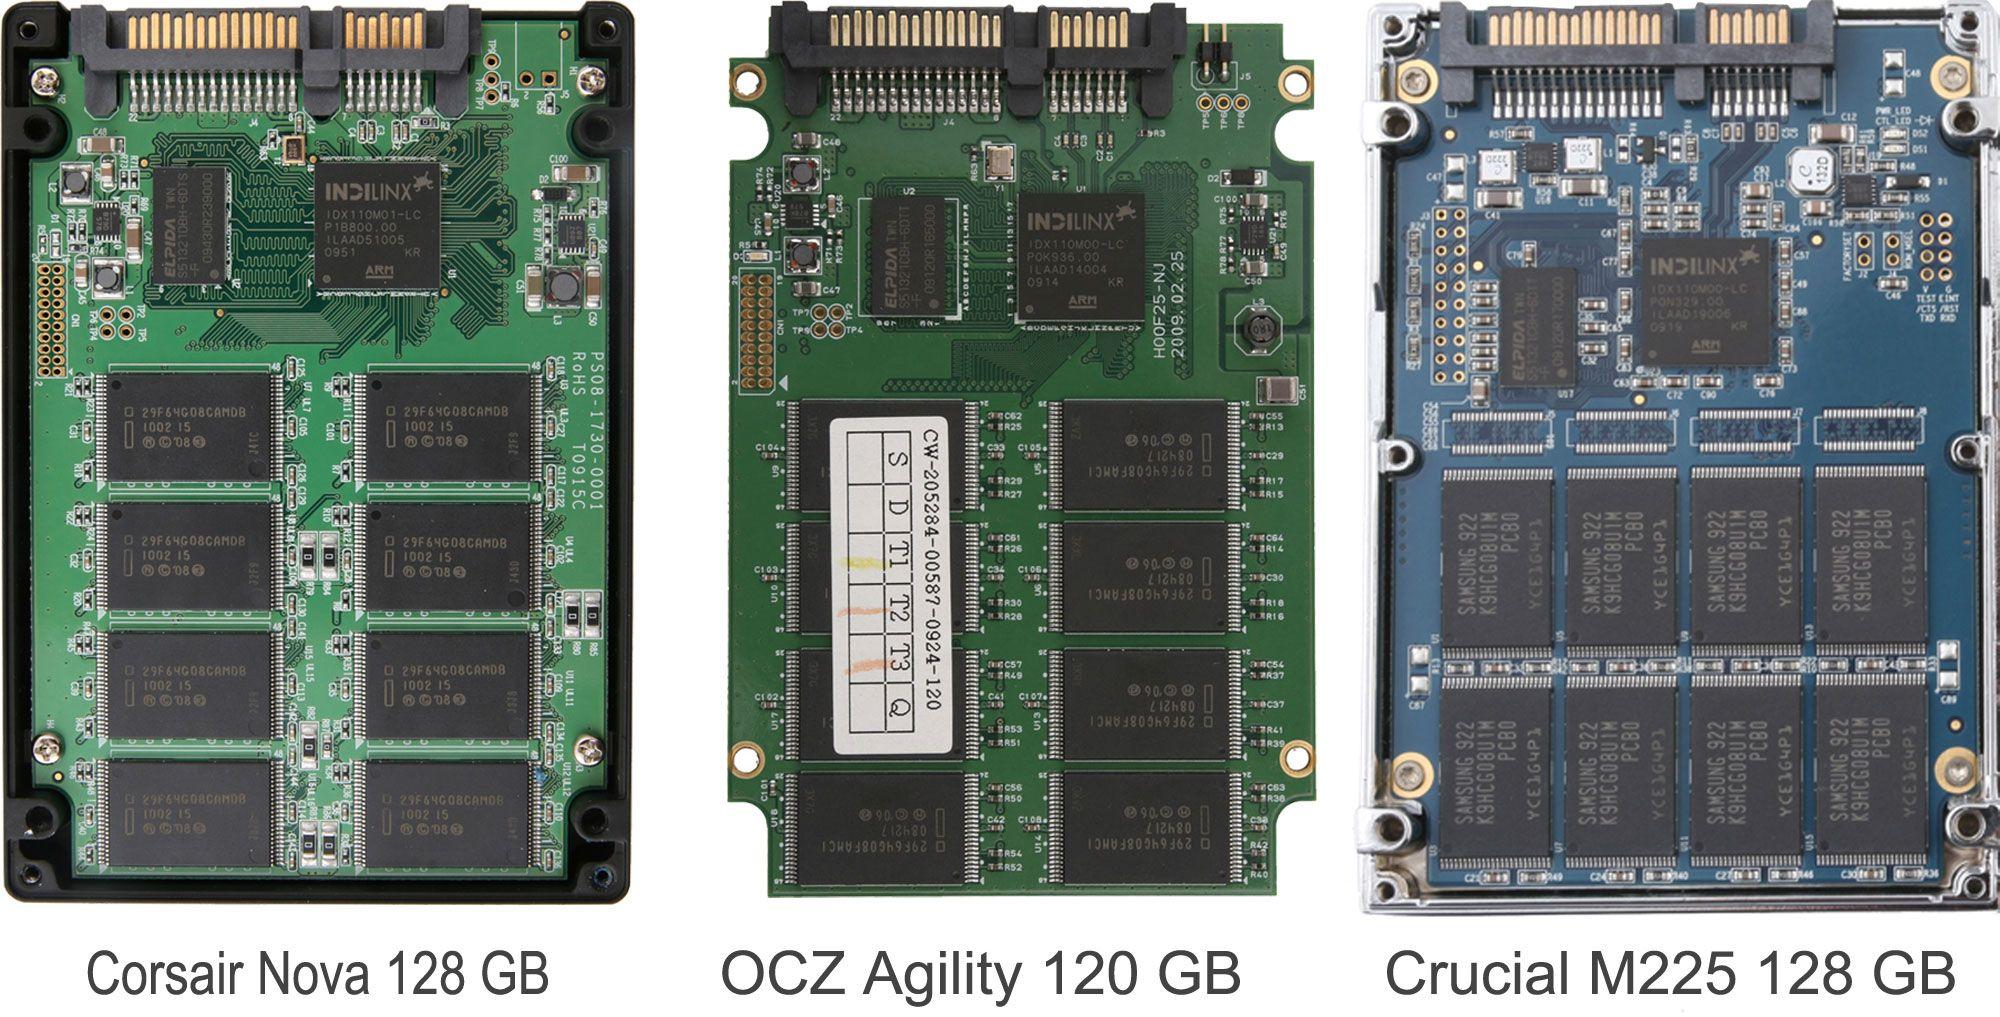 Tre SSD-er fra tre forskjellige produsenter. Likhetene er store på innsiden. Klikk for større versjon.